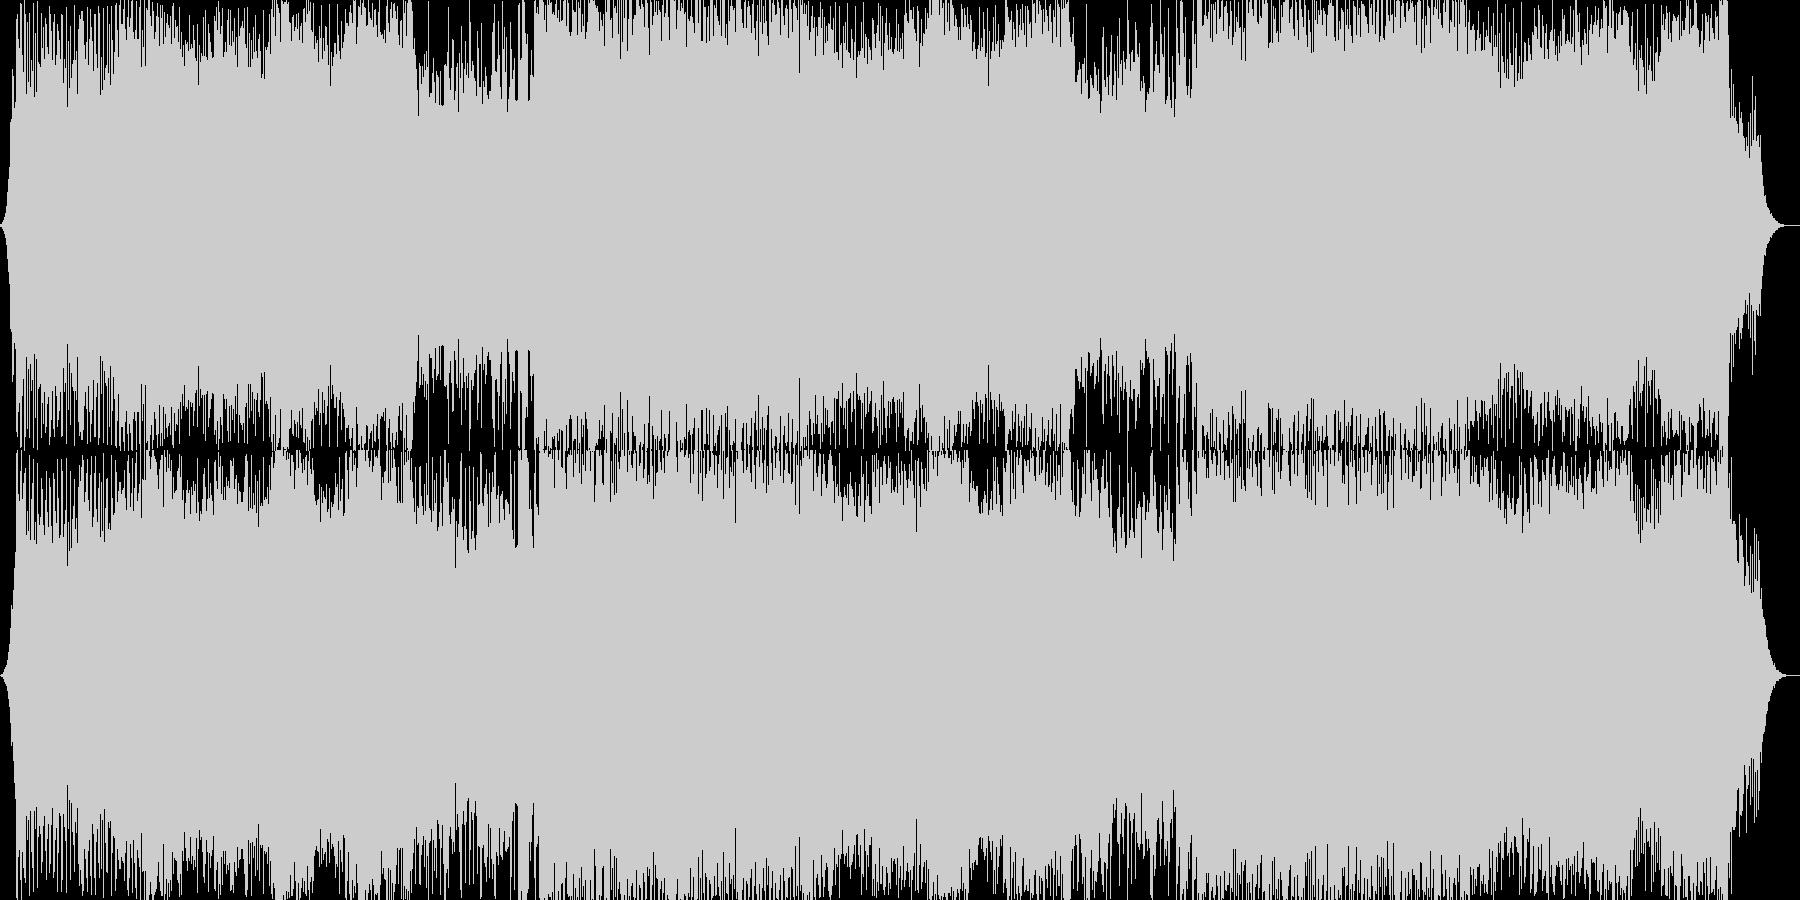 ユーロビート風の戦闘BGMの未再生の波形